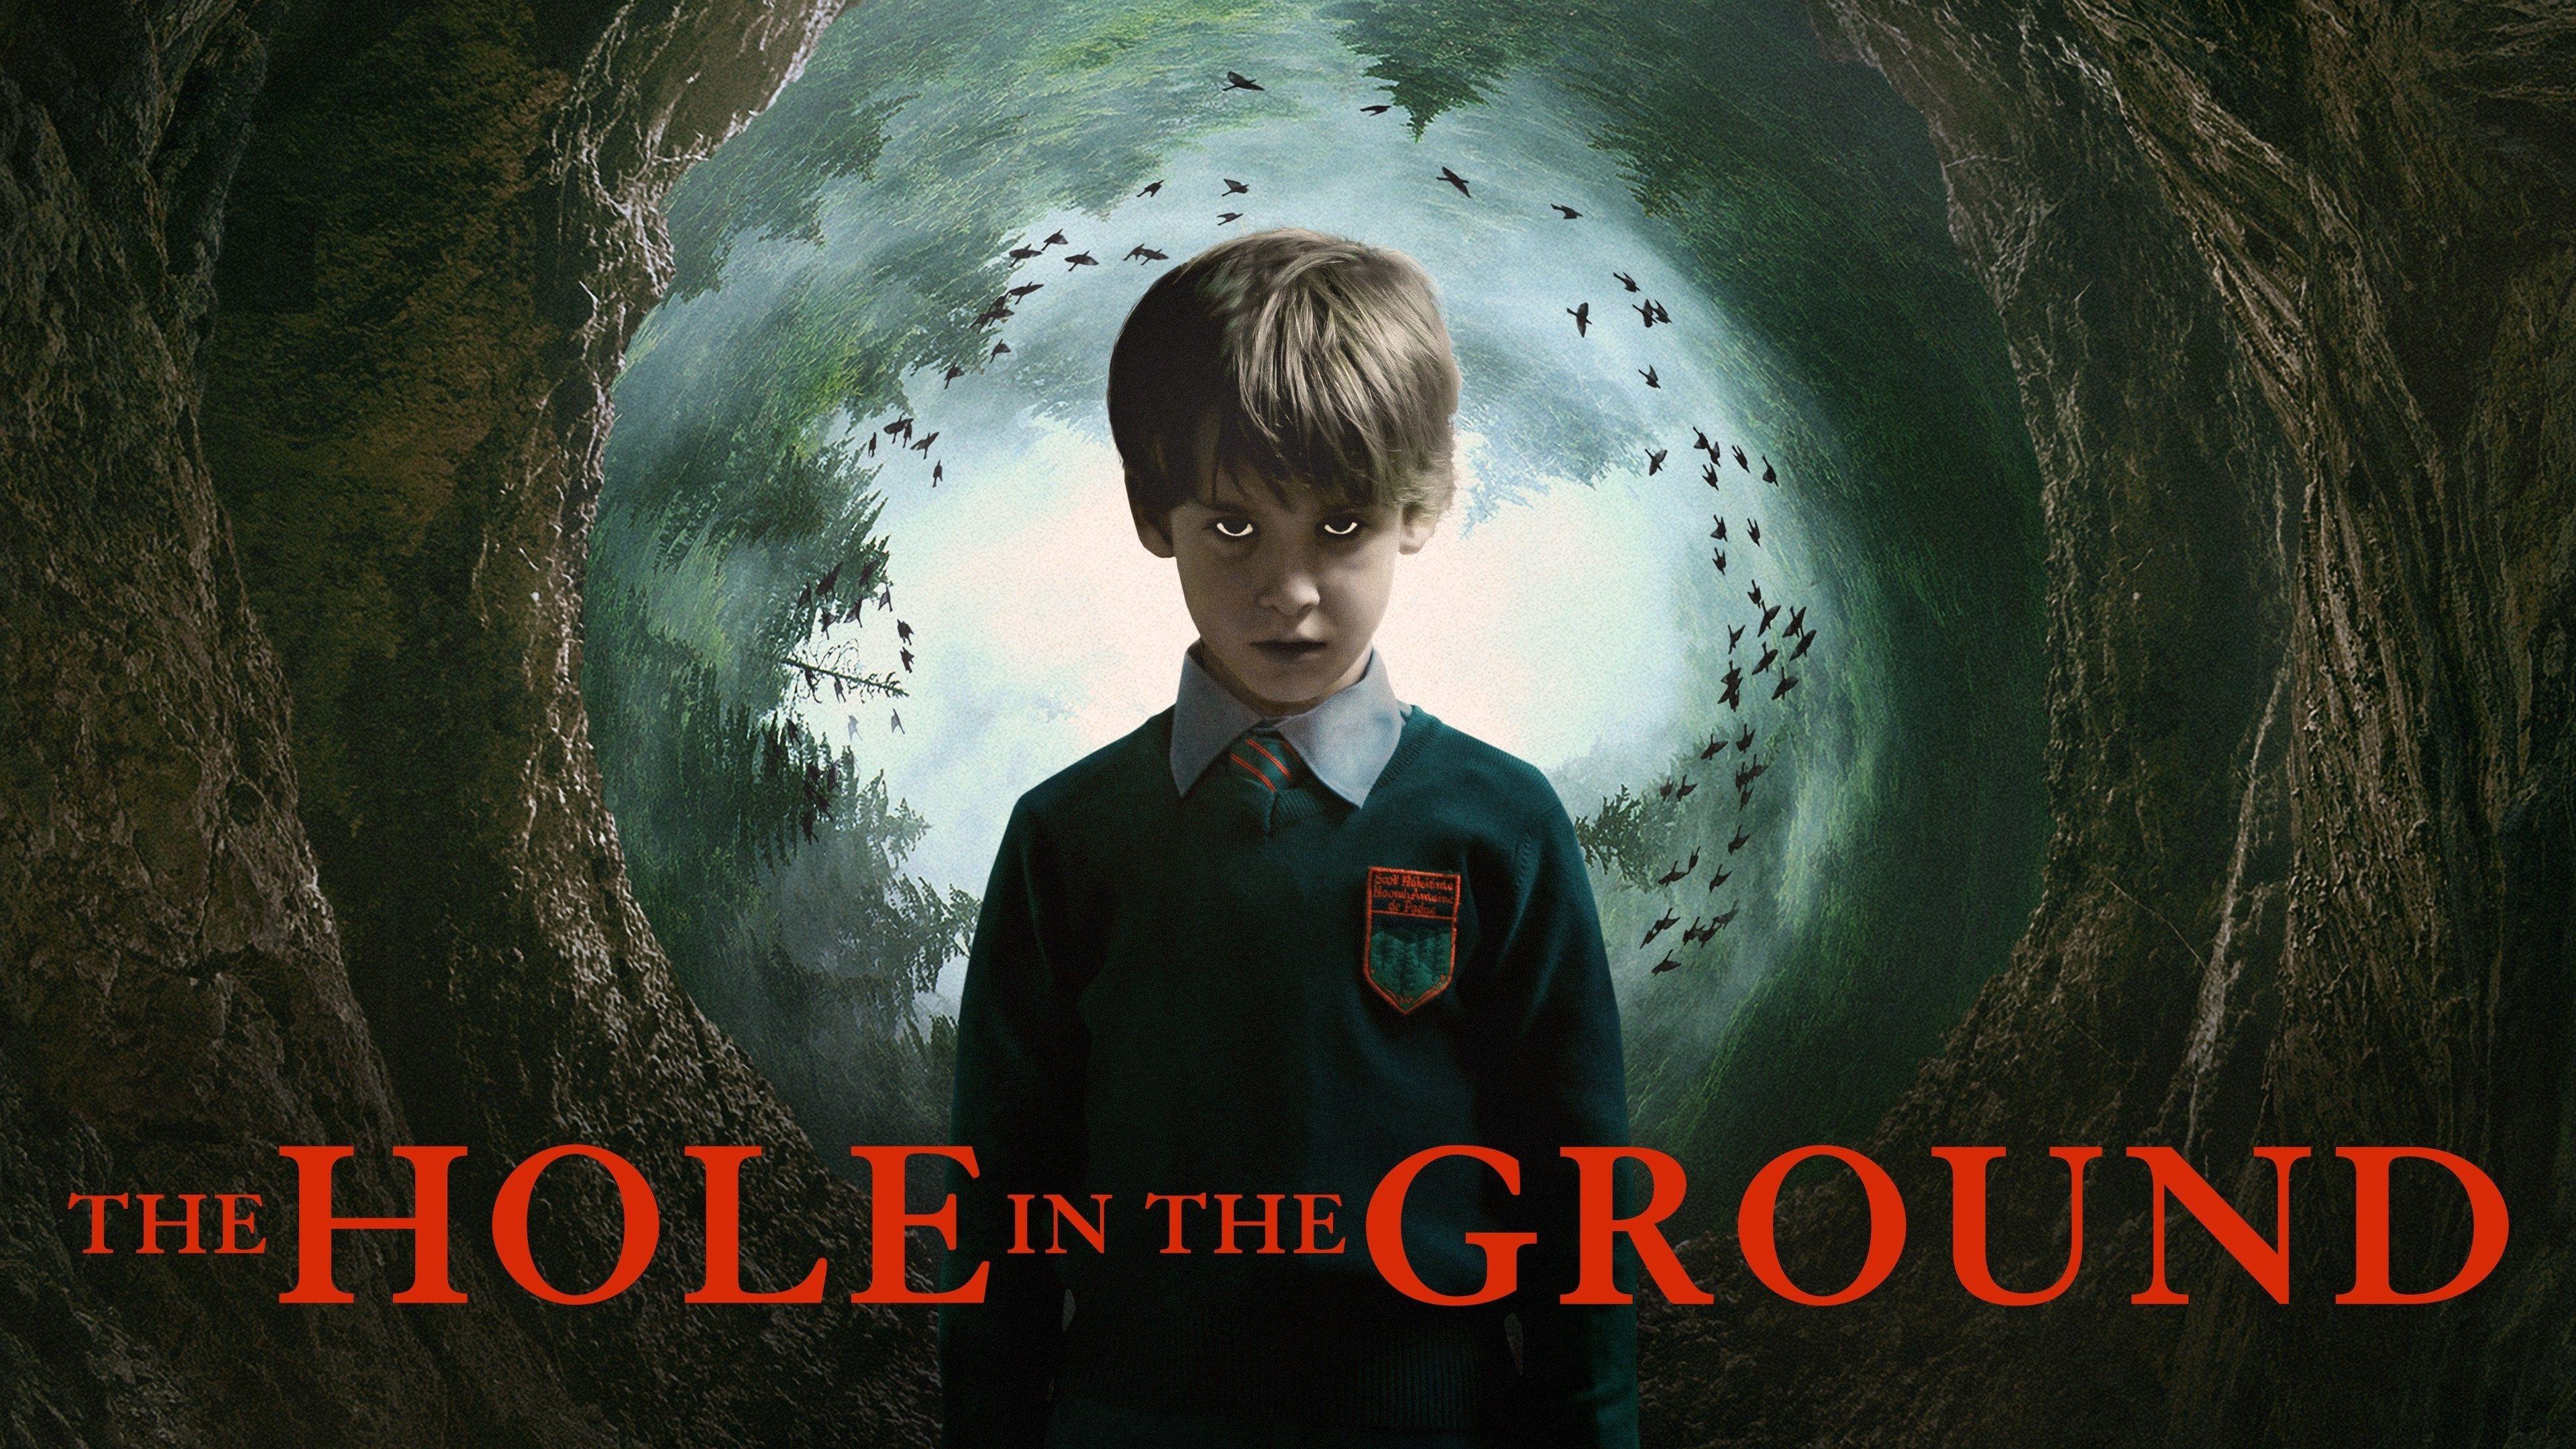 The Hole In The Ground 2019 Ganzer Film Deutsch Komplett Kino The Hole In The Ground 2019complete Film Deutsc Movies Online Full Movies Free Movies Online